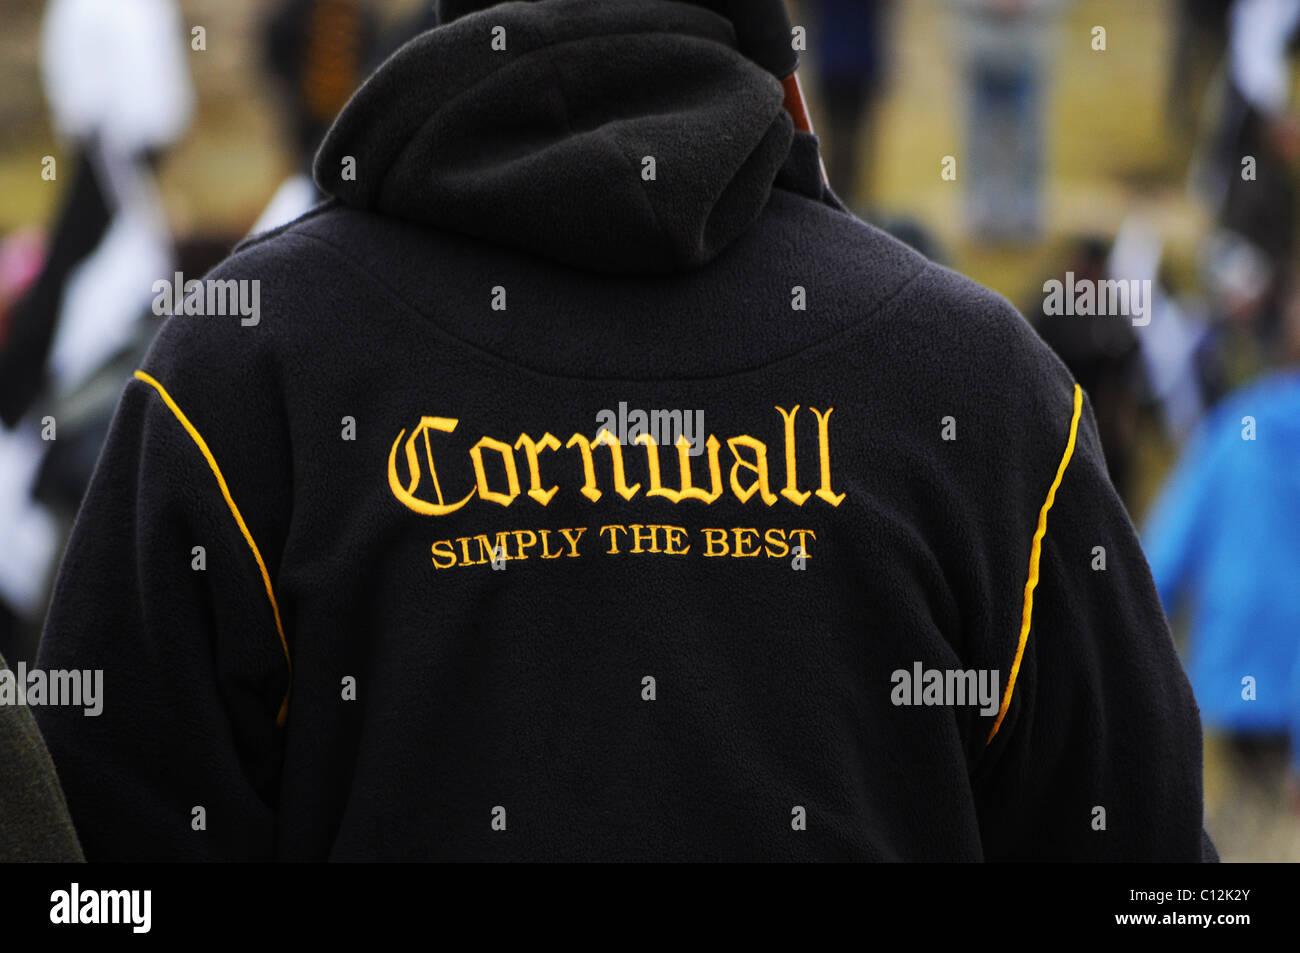 Un partidario de rugby de Cornwall. Imagen De Stock